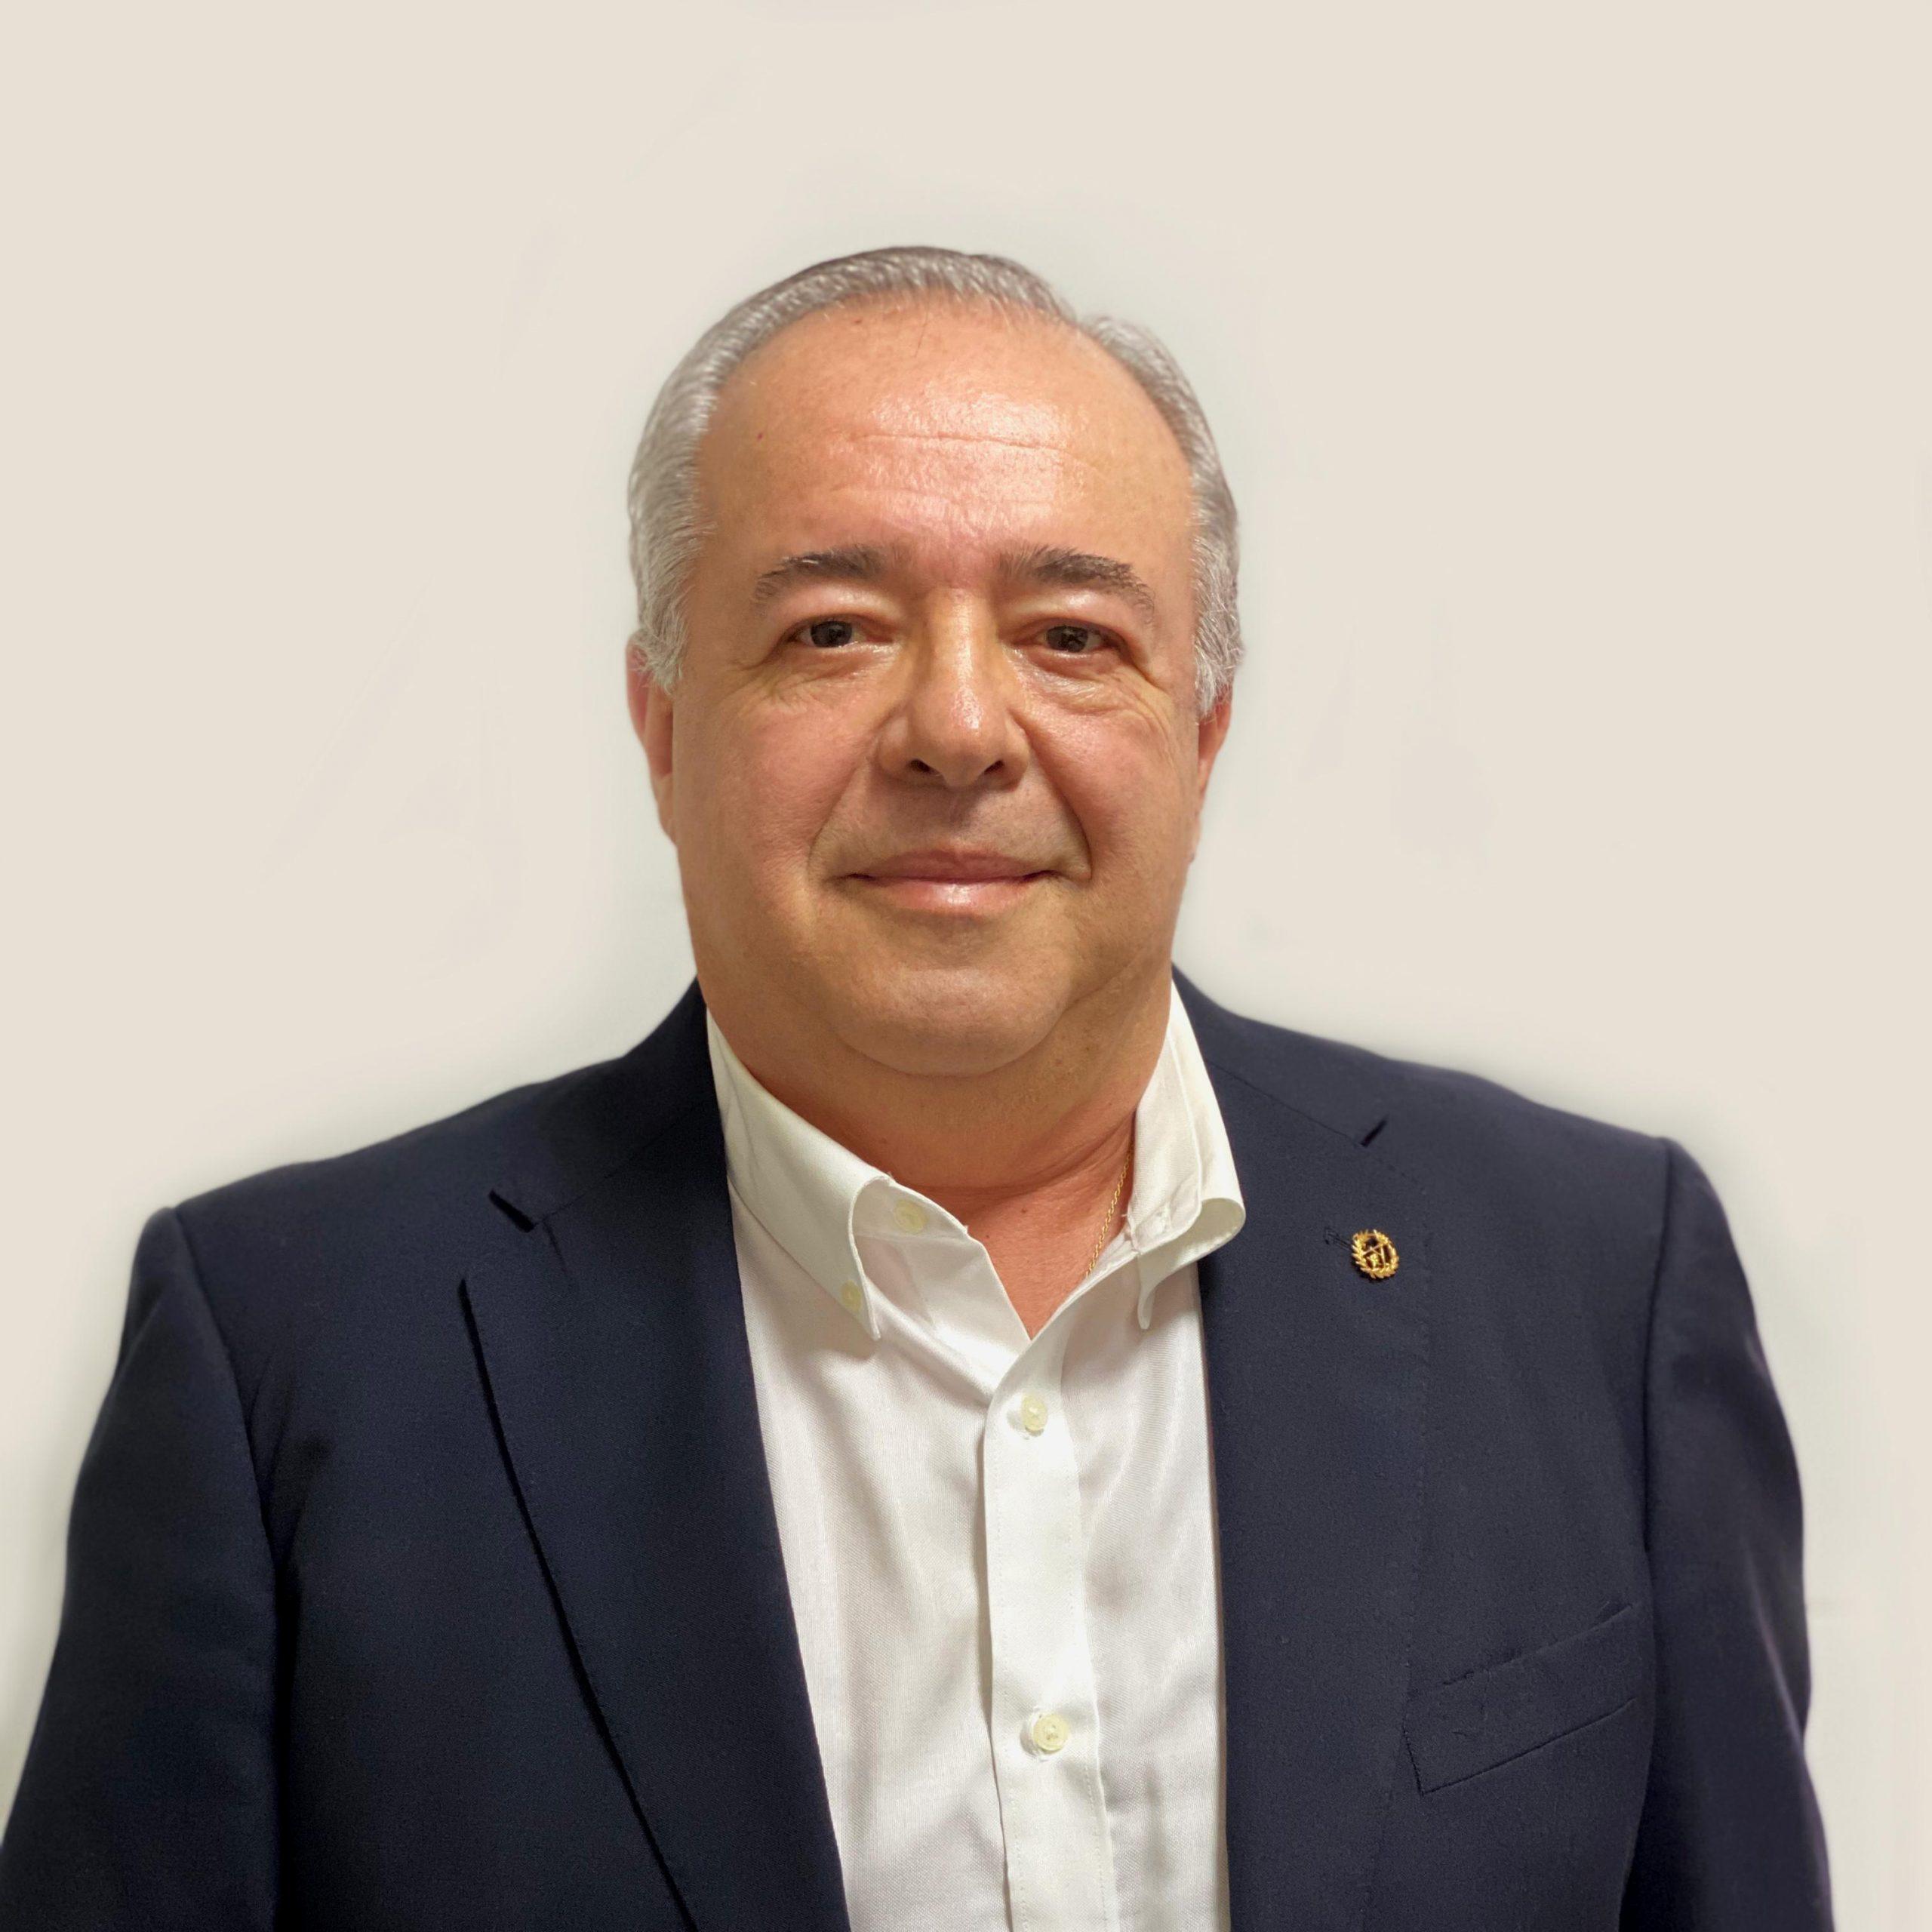 Salvador Blanquer